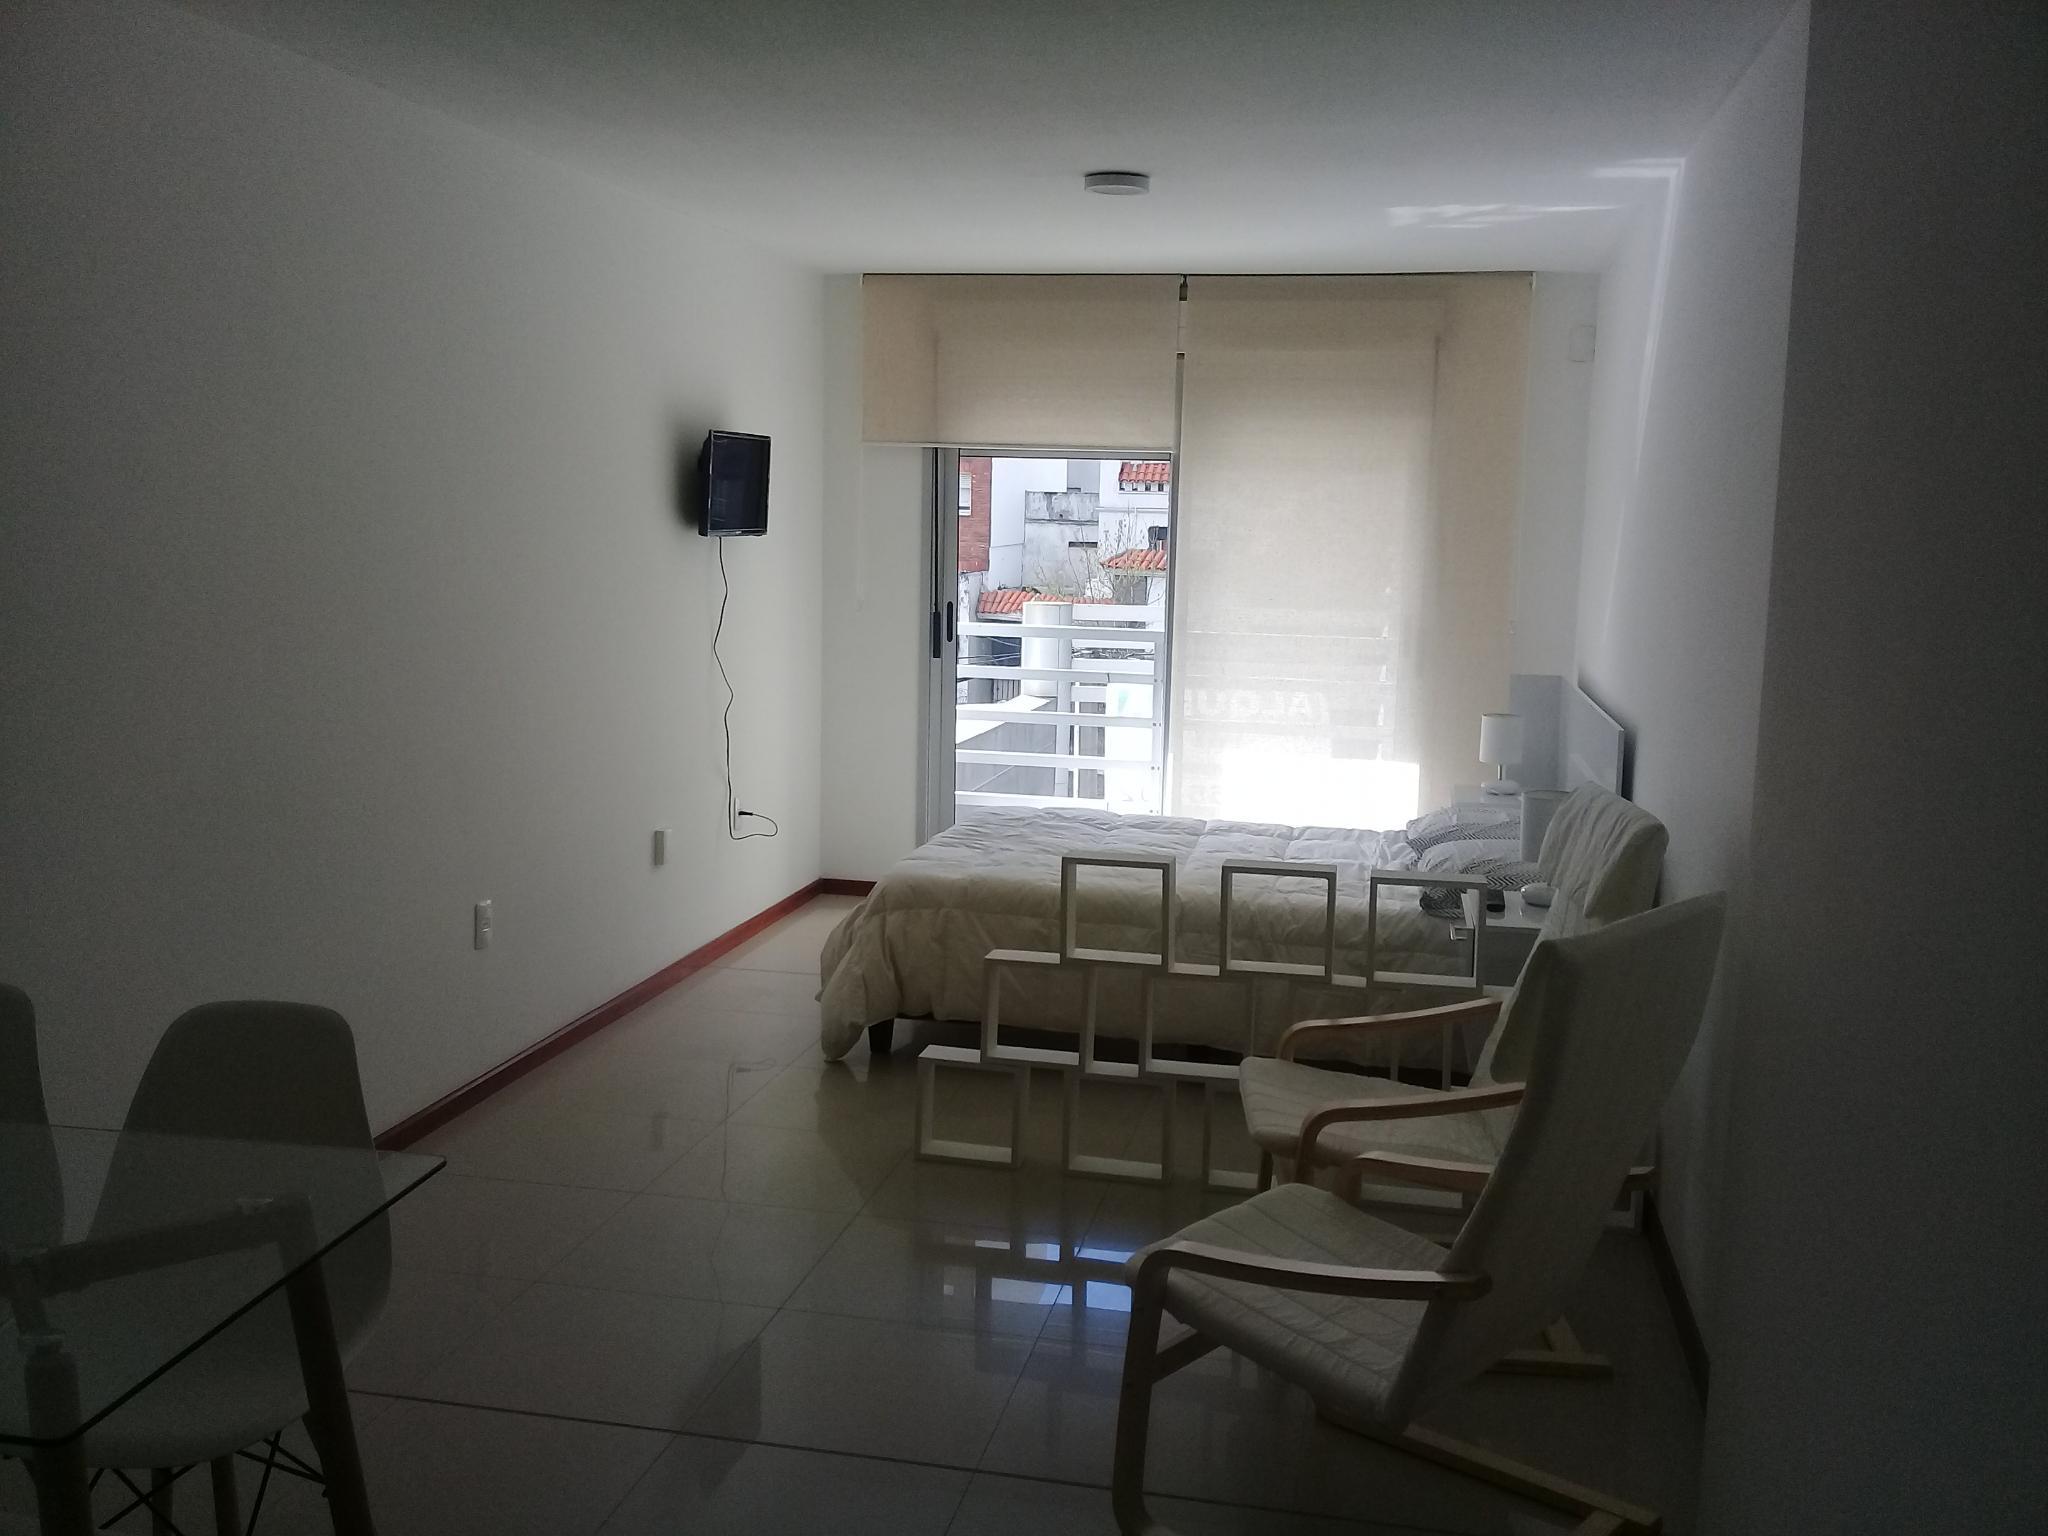 ALQUILER TEMPORARIO Amueblado Equipado  Garage - POCITOS - PARQUE RODO